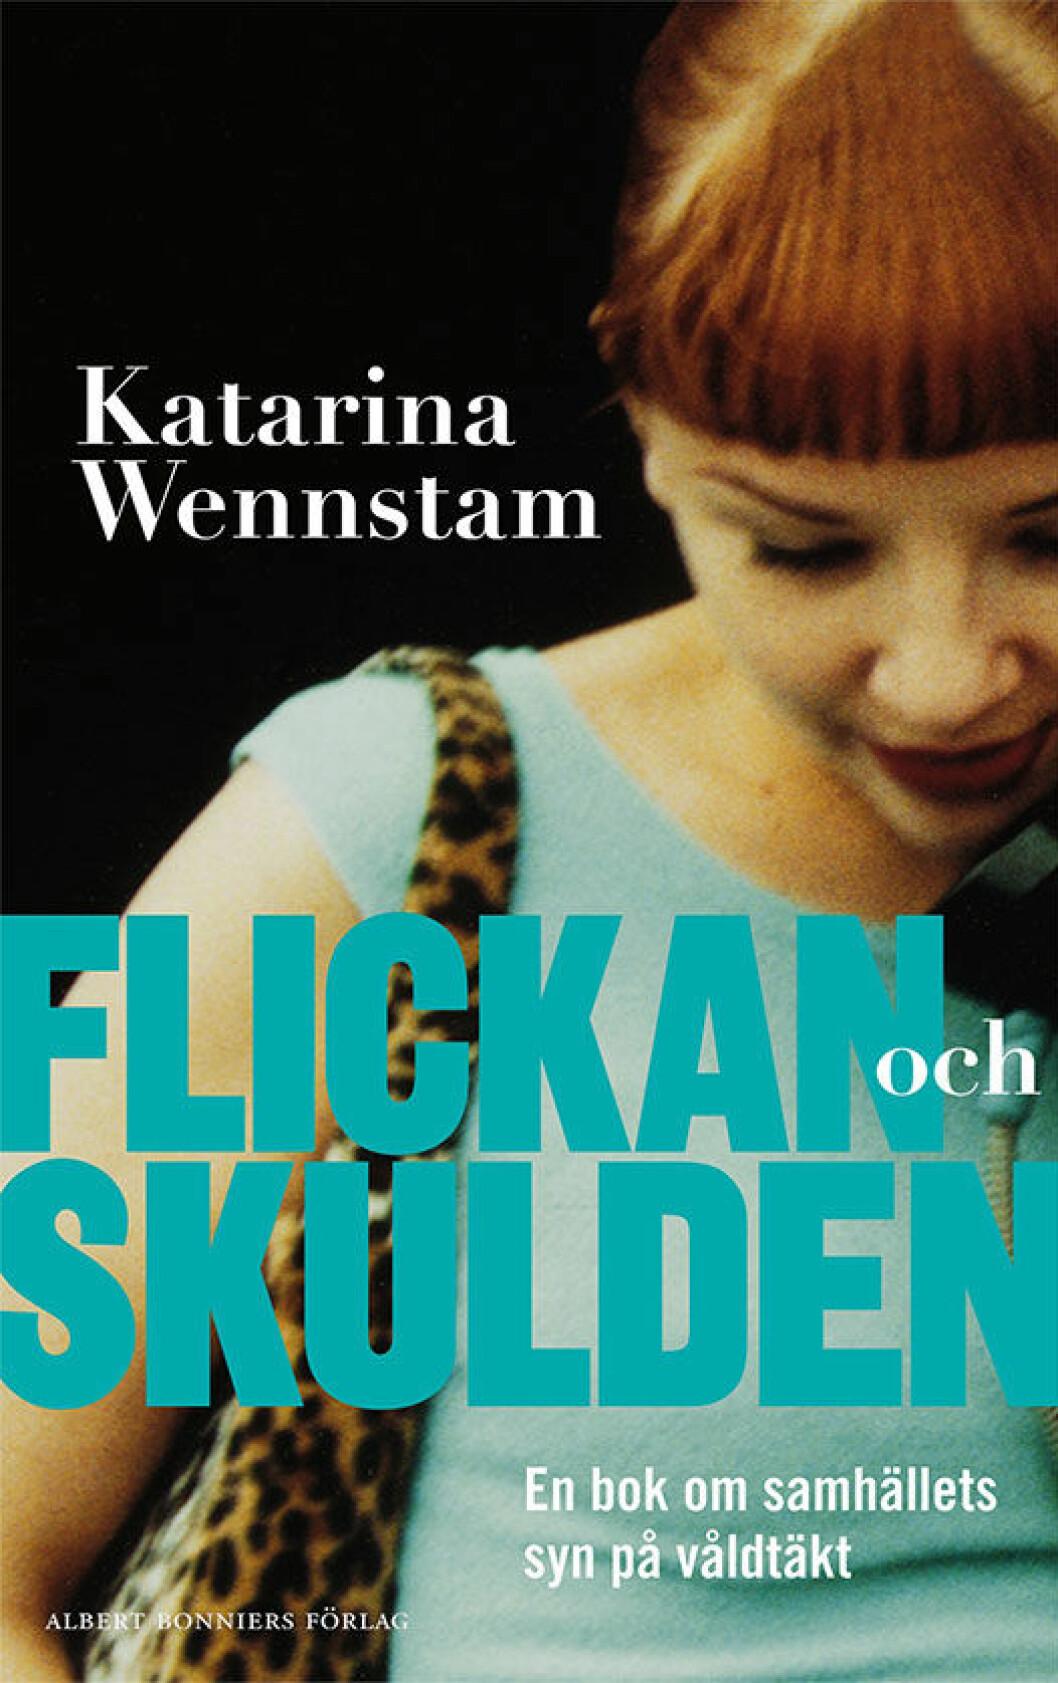 Flickan och skulden av Katarina Wennstam.